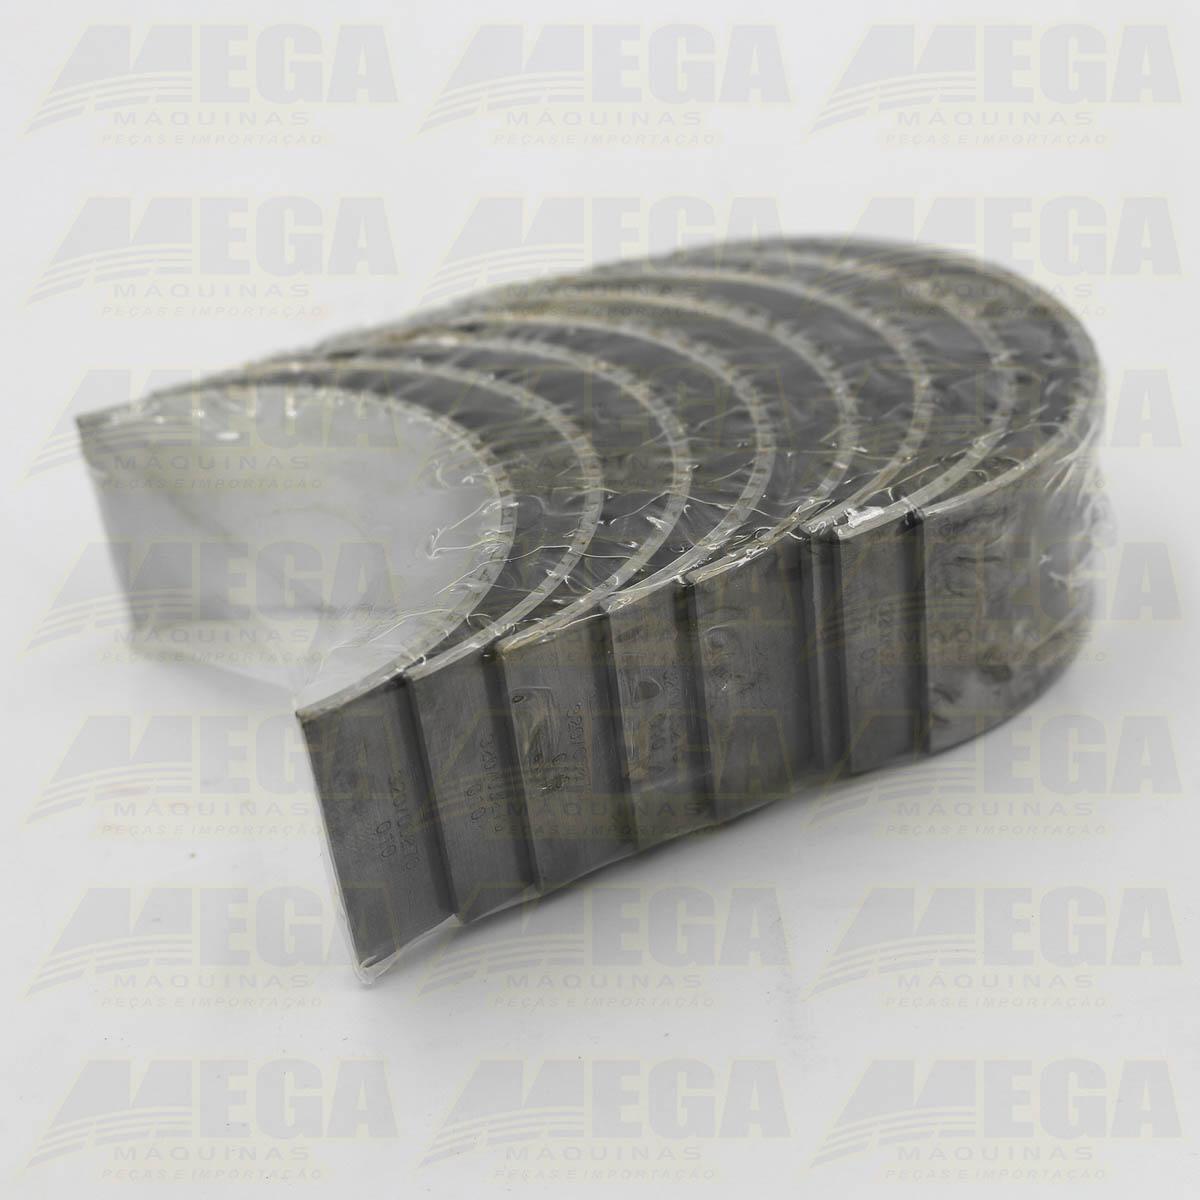 Kit de Bronzinas de Biela 0.25mm